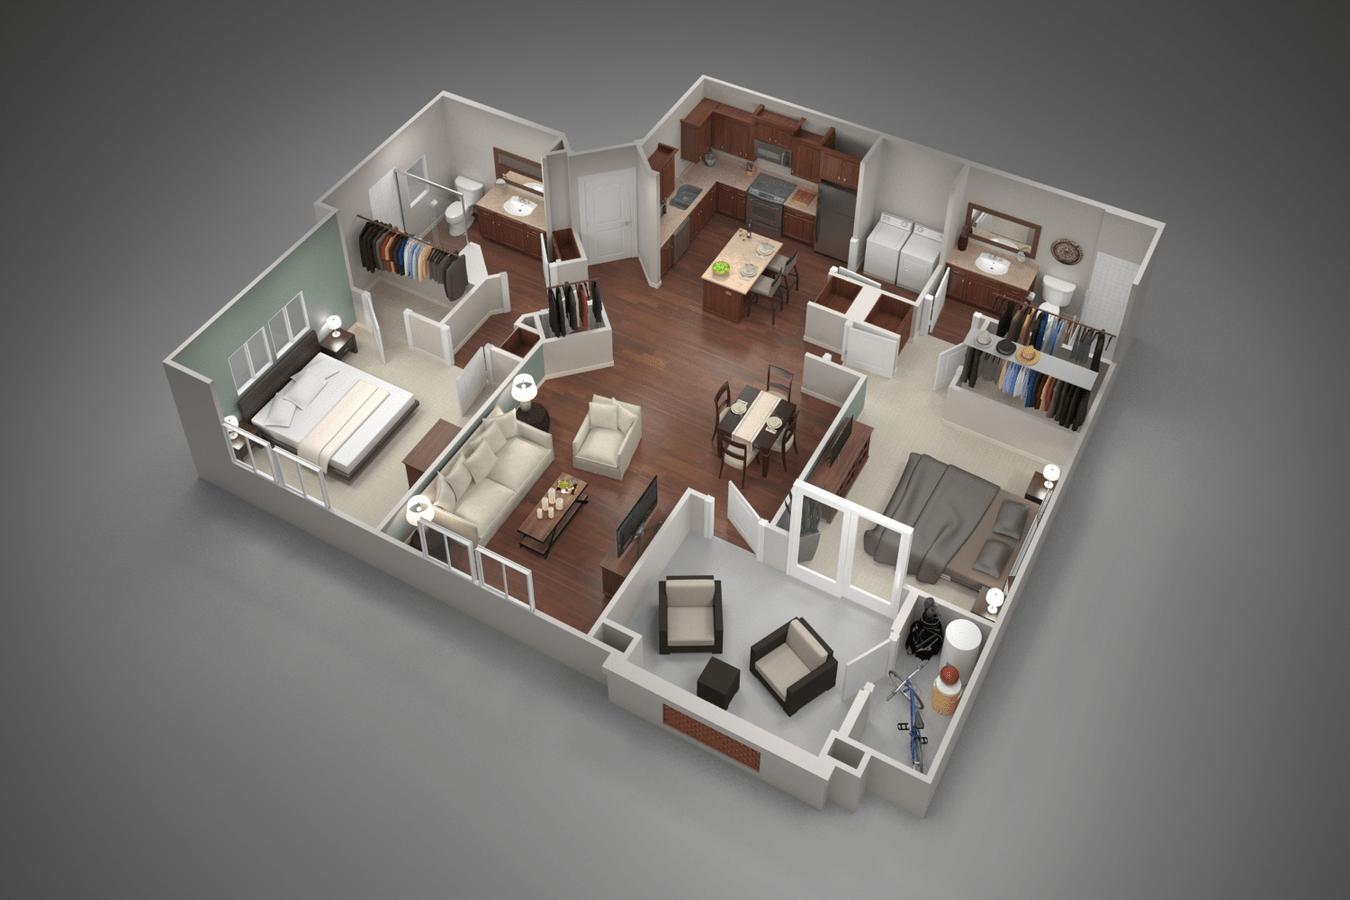 2 Bedrooms 2 Bathrooms Apartment for rent at San Capella in Tempe, AZ